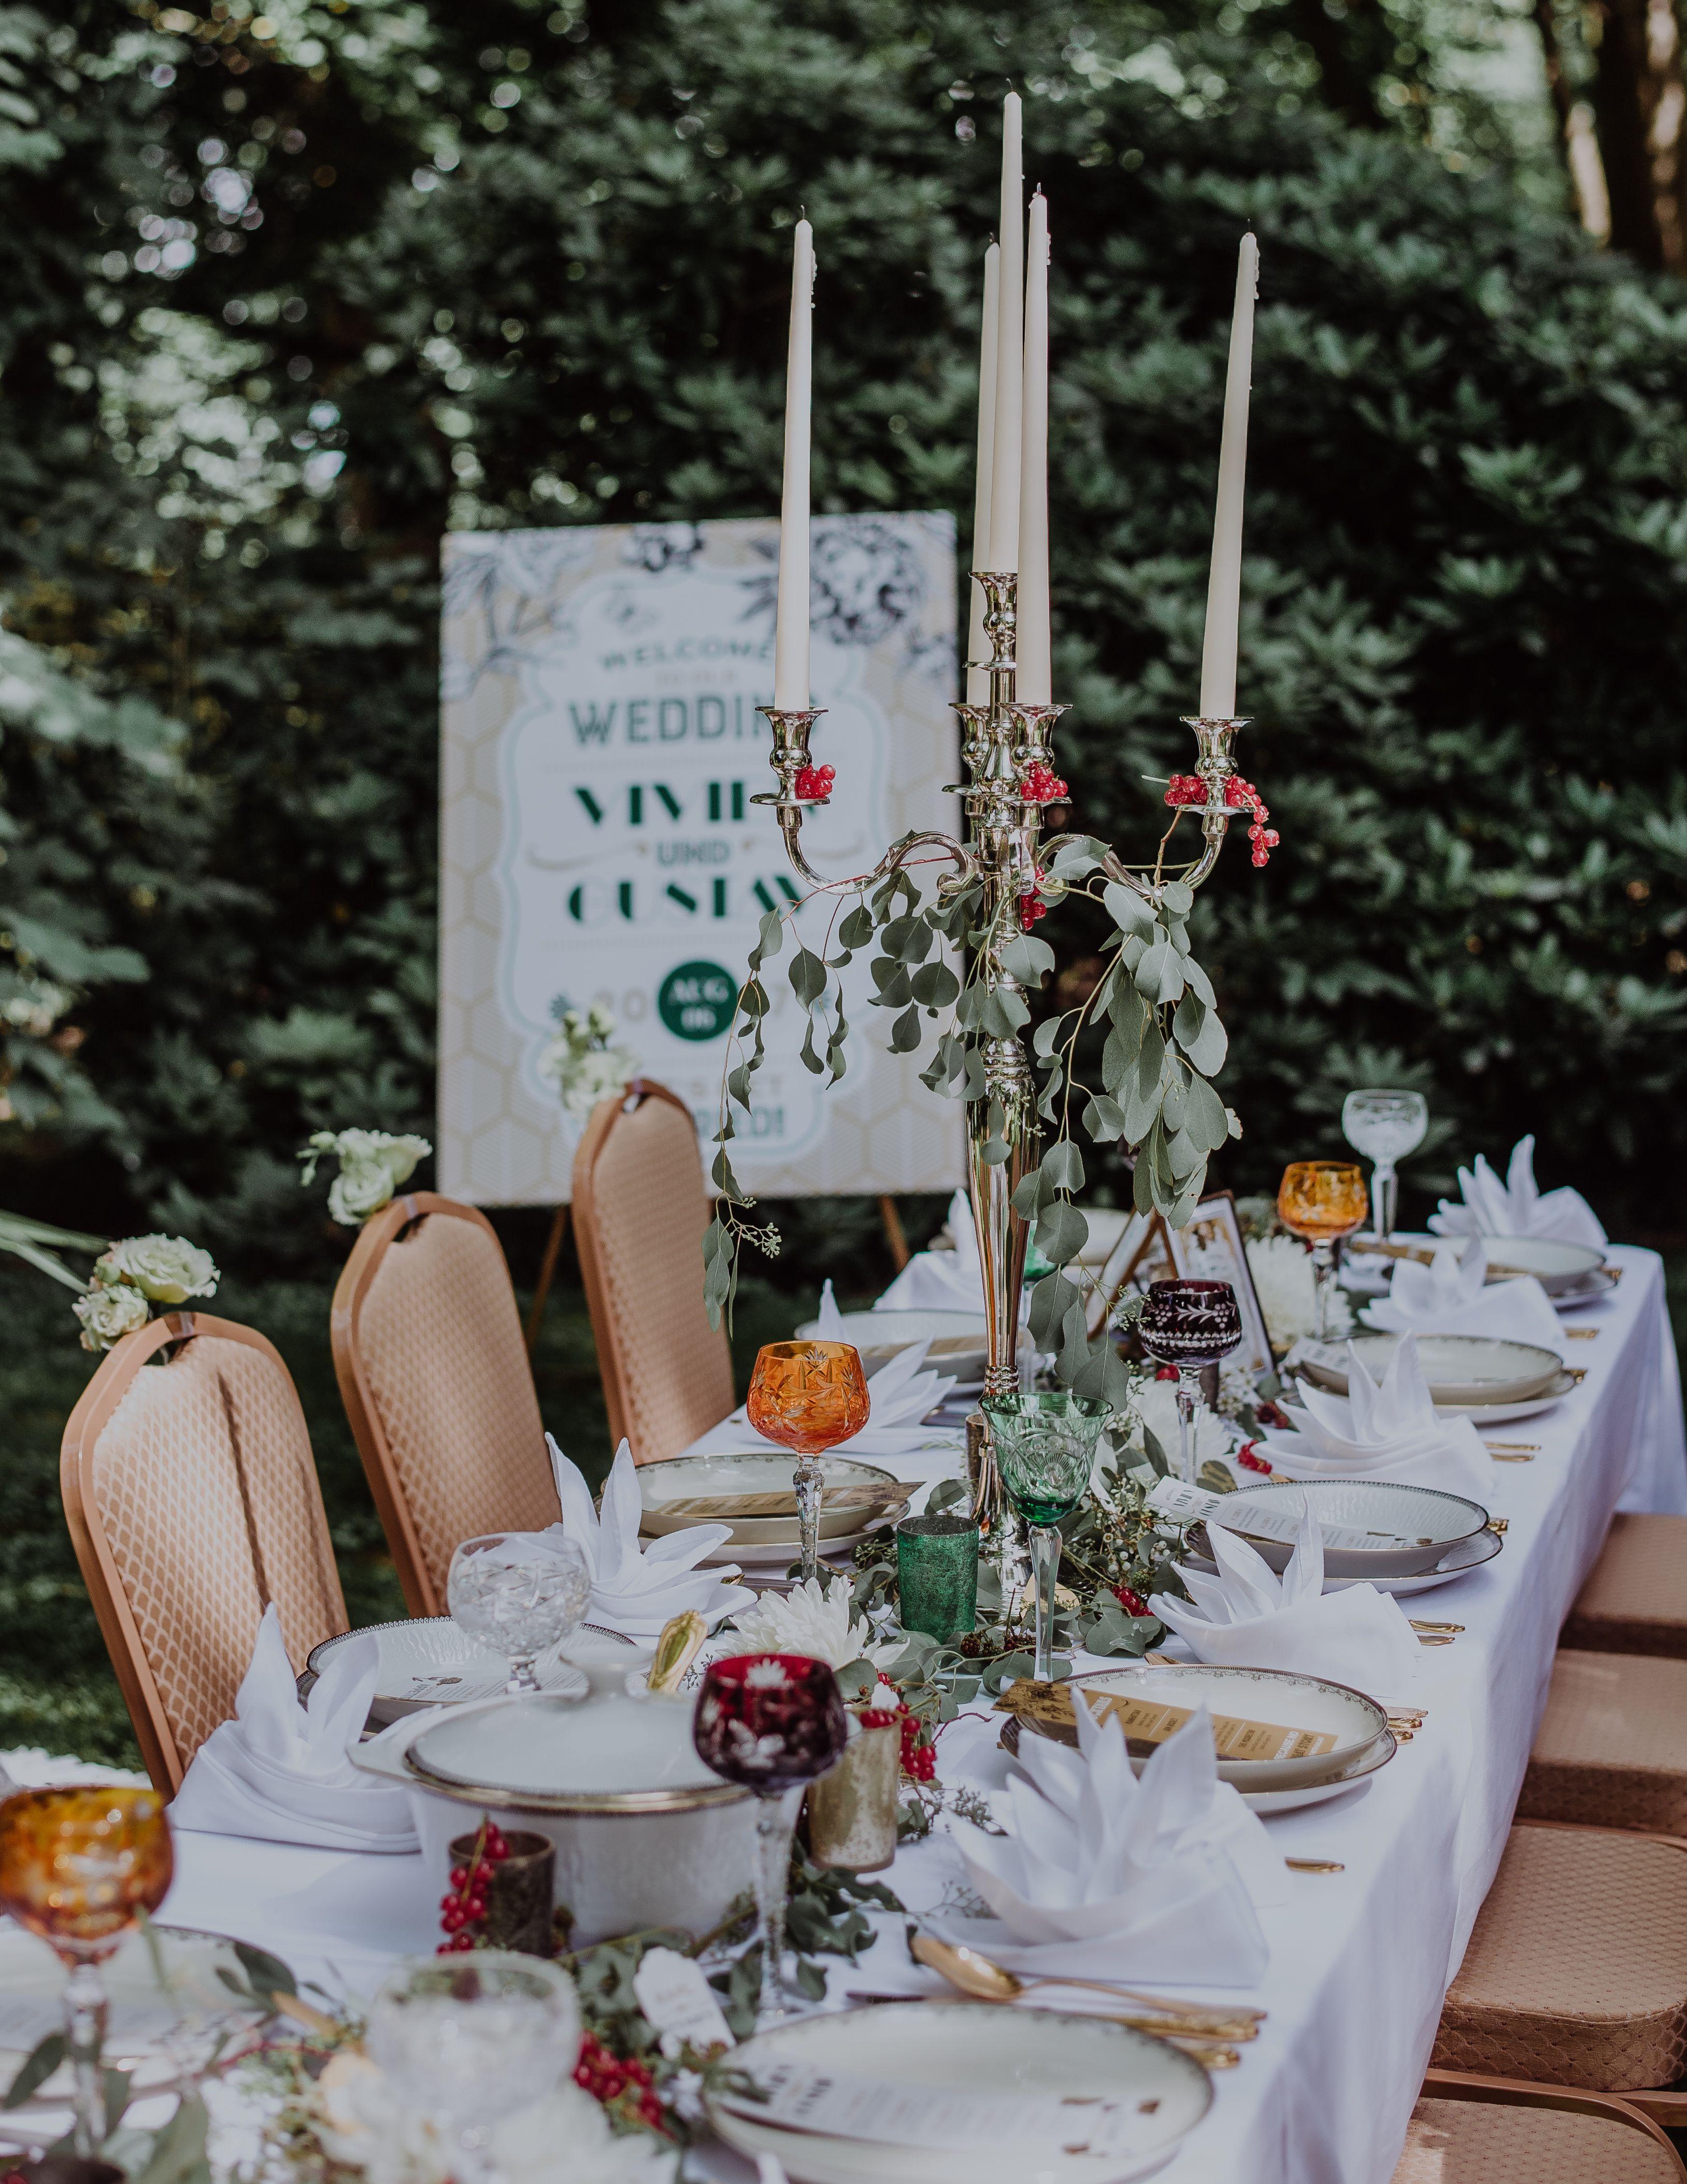 Location Geheimtipp Fur Eure Freie Trauung Dekoration Hochzeit Hochzeitstafel Hochzeitstisch